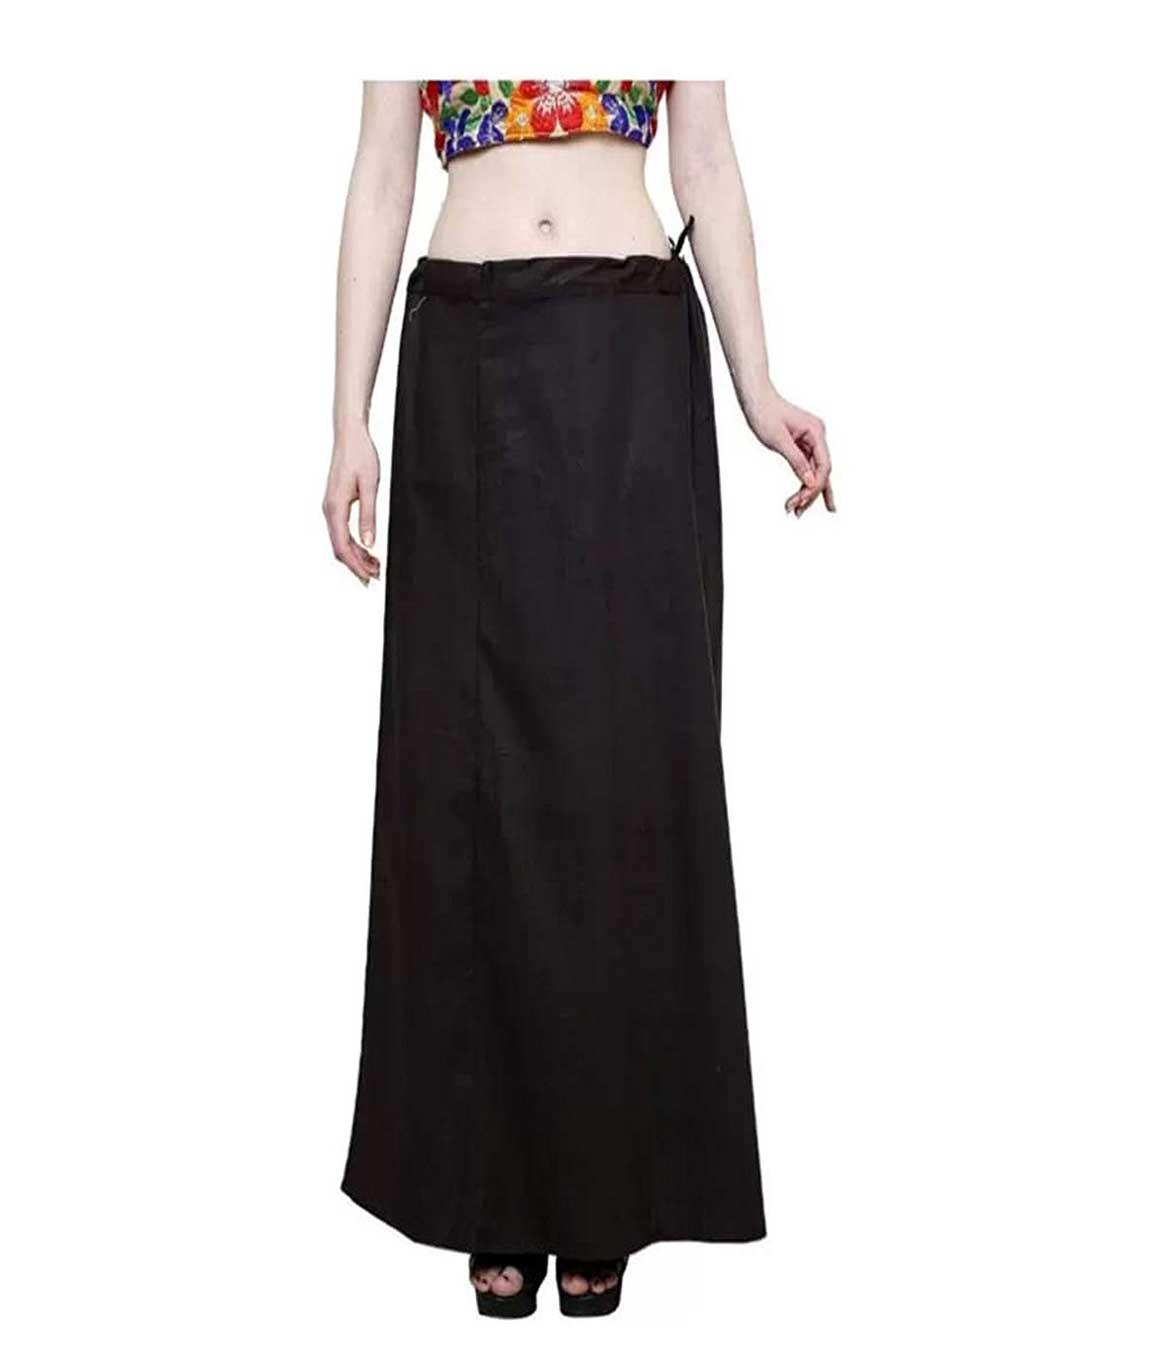 Vestiario Women`s Cotton Petticoats (PET-35-10-13-GOLU, Multicolor, Free Size) -Combo of 4